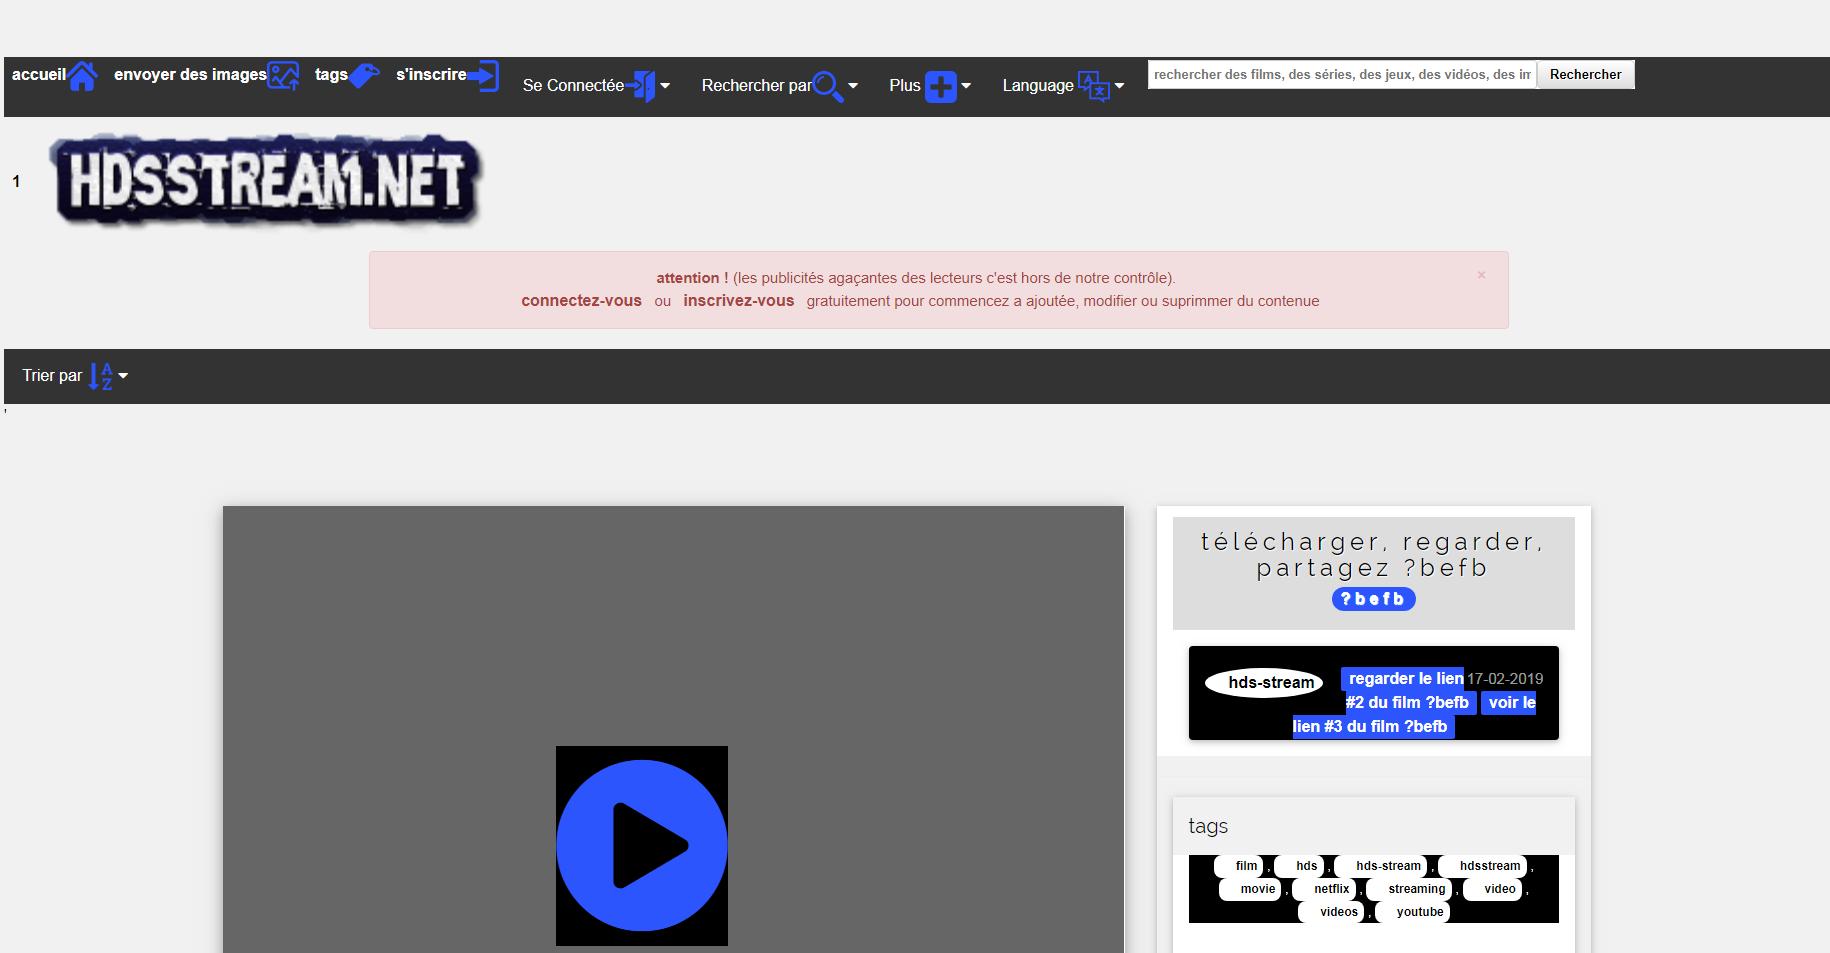 HDSSTREAM.NET